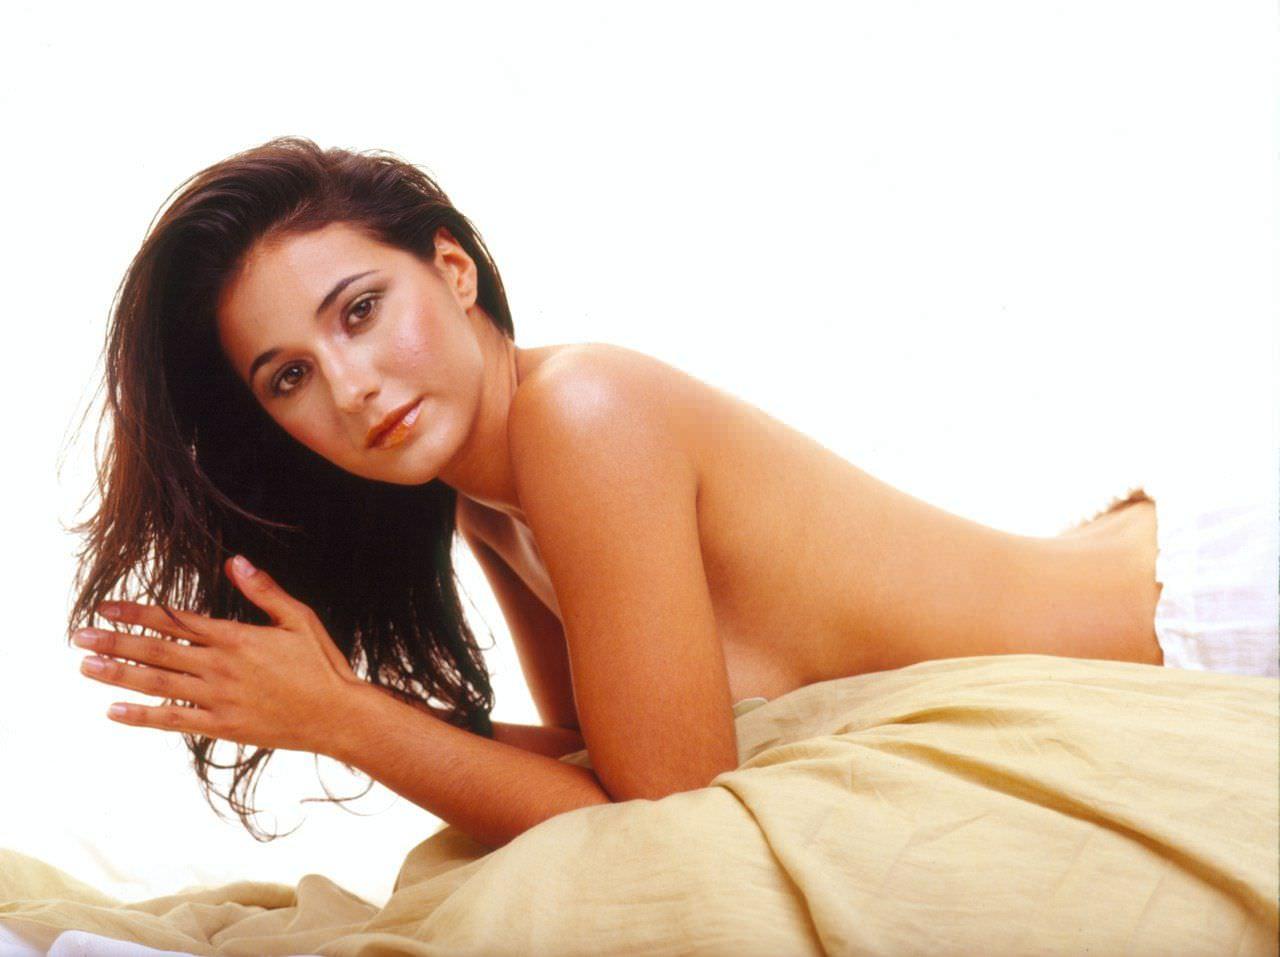 Эммануэль Шрики фото на кровати